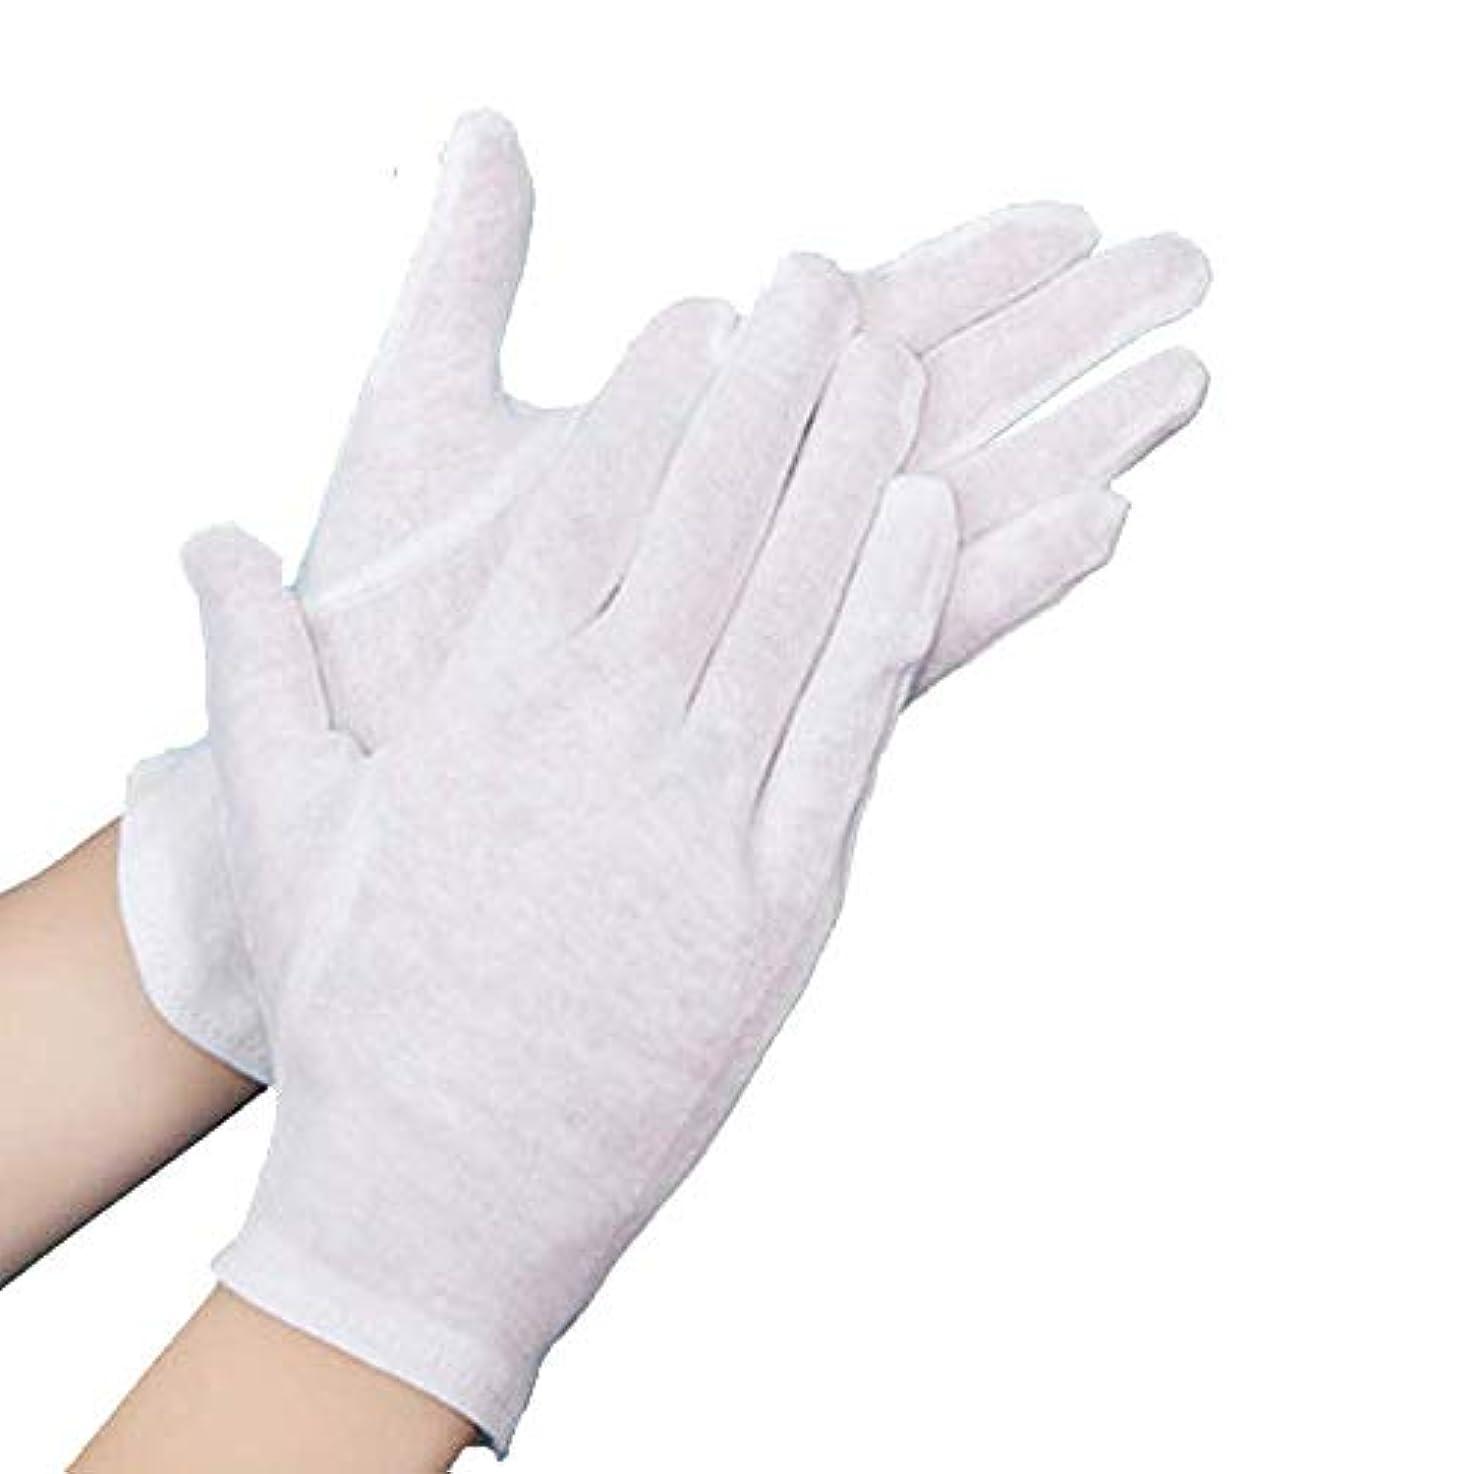 岸マルクス主義三角形綿手袋 純綿100% 通気性 コットン手袋 10双組 M